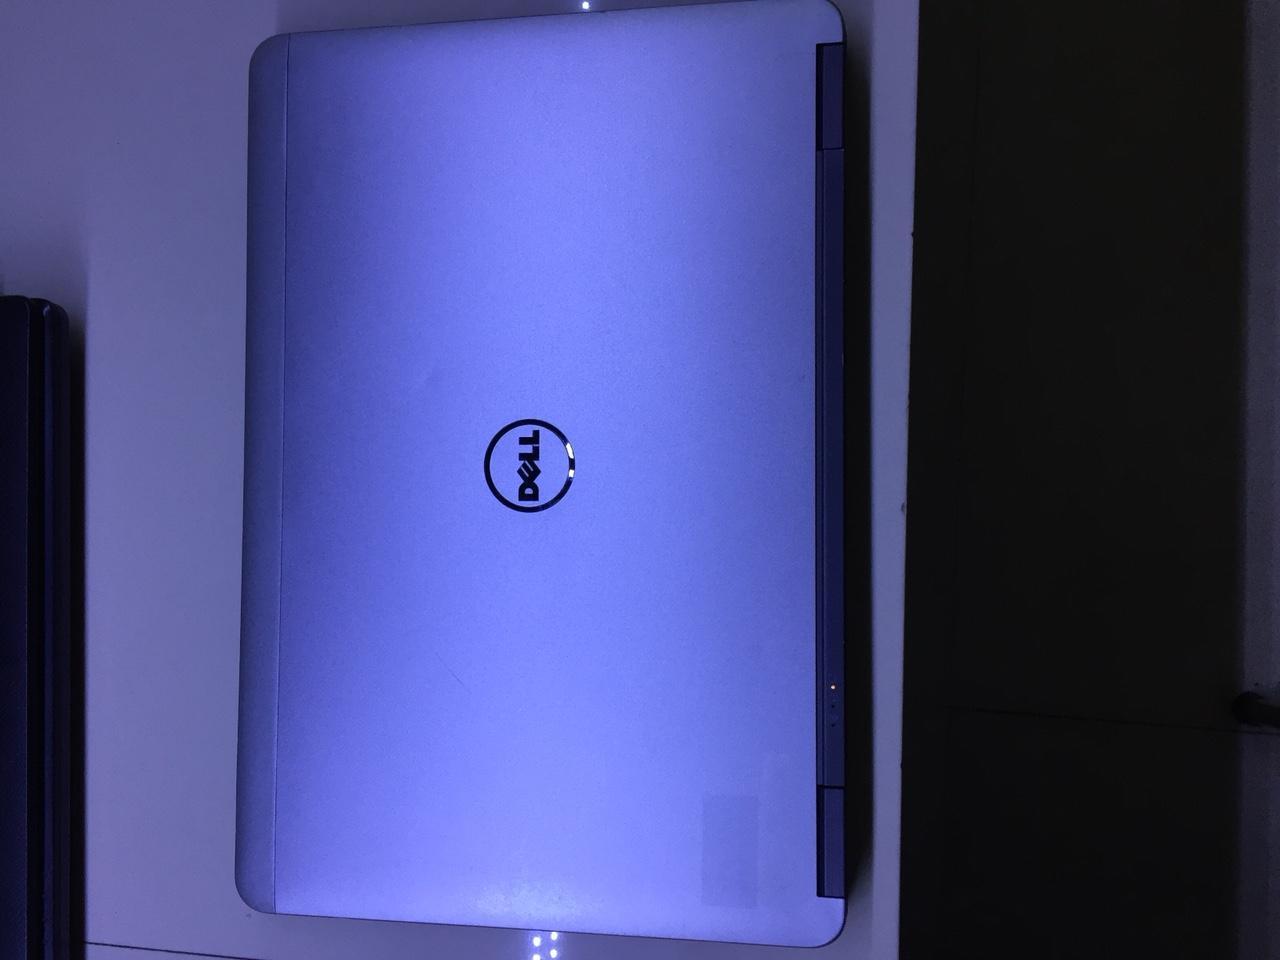 Hình ảnh Laptop Dell Latitude E7240 Core i5 4300U, RAM 4GB, SSD 128GB, Intel HD Graphics 4400, Màn hình 12.5